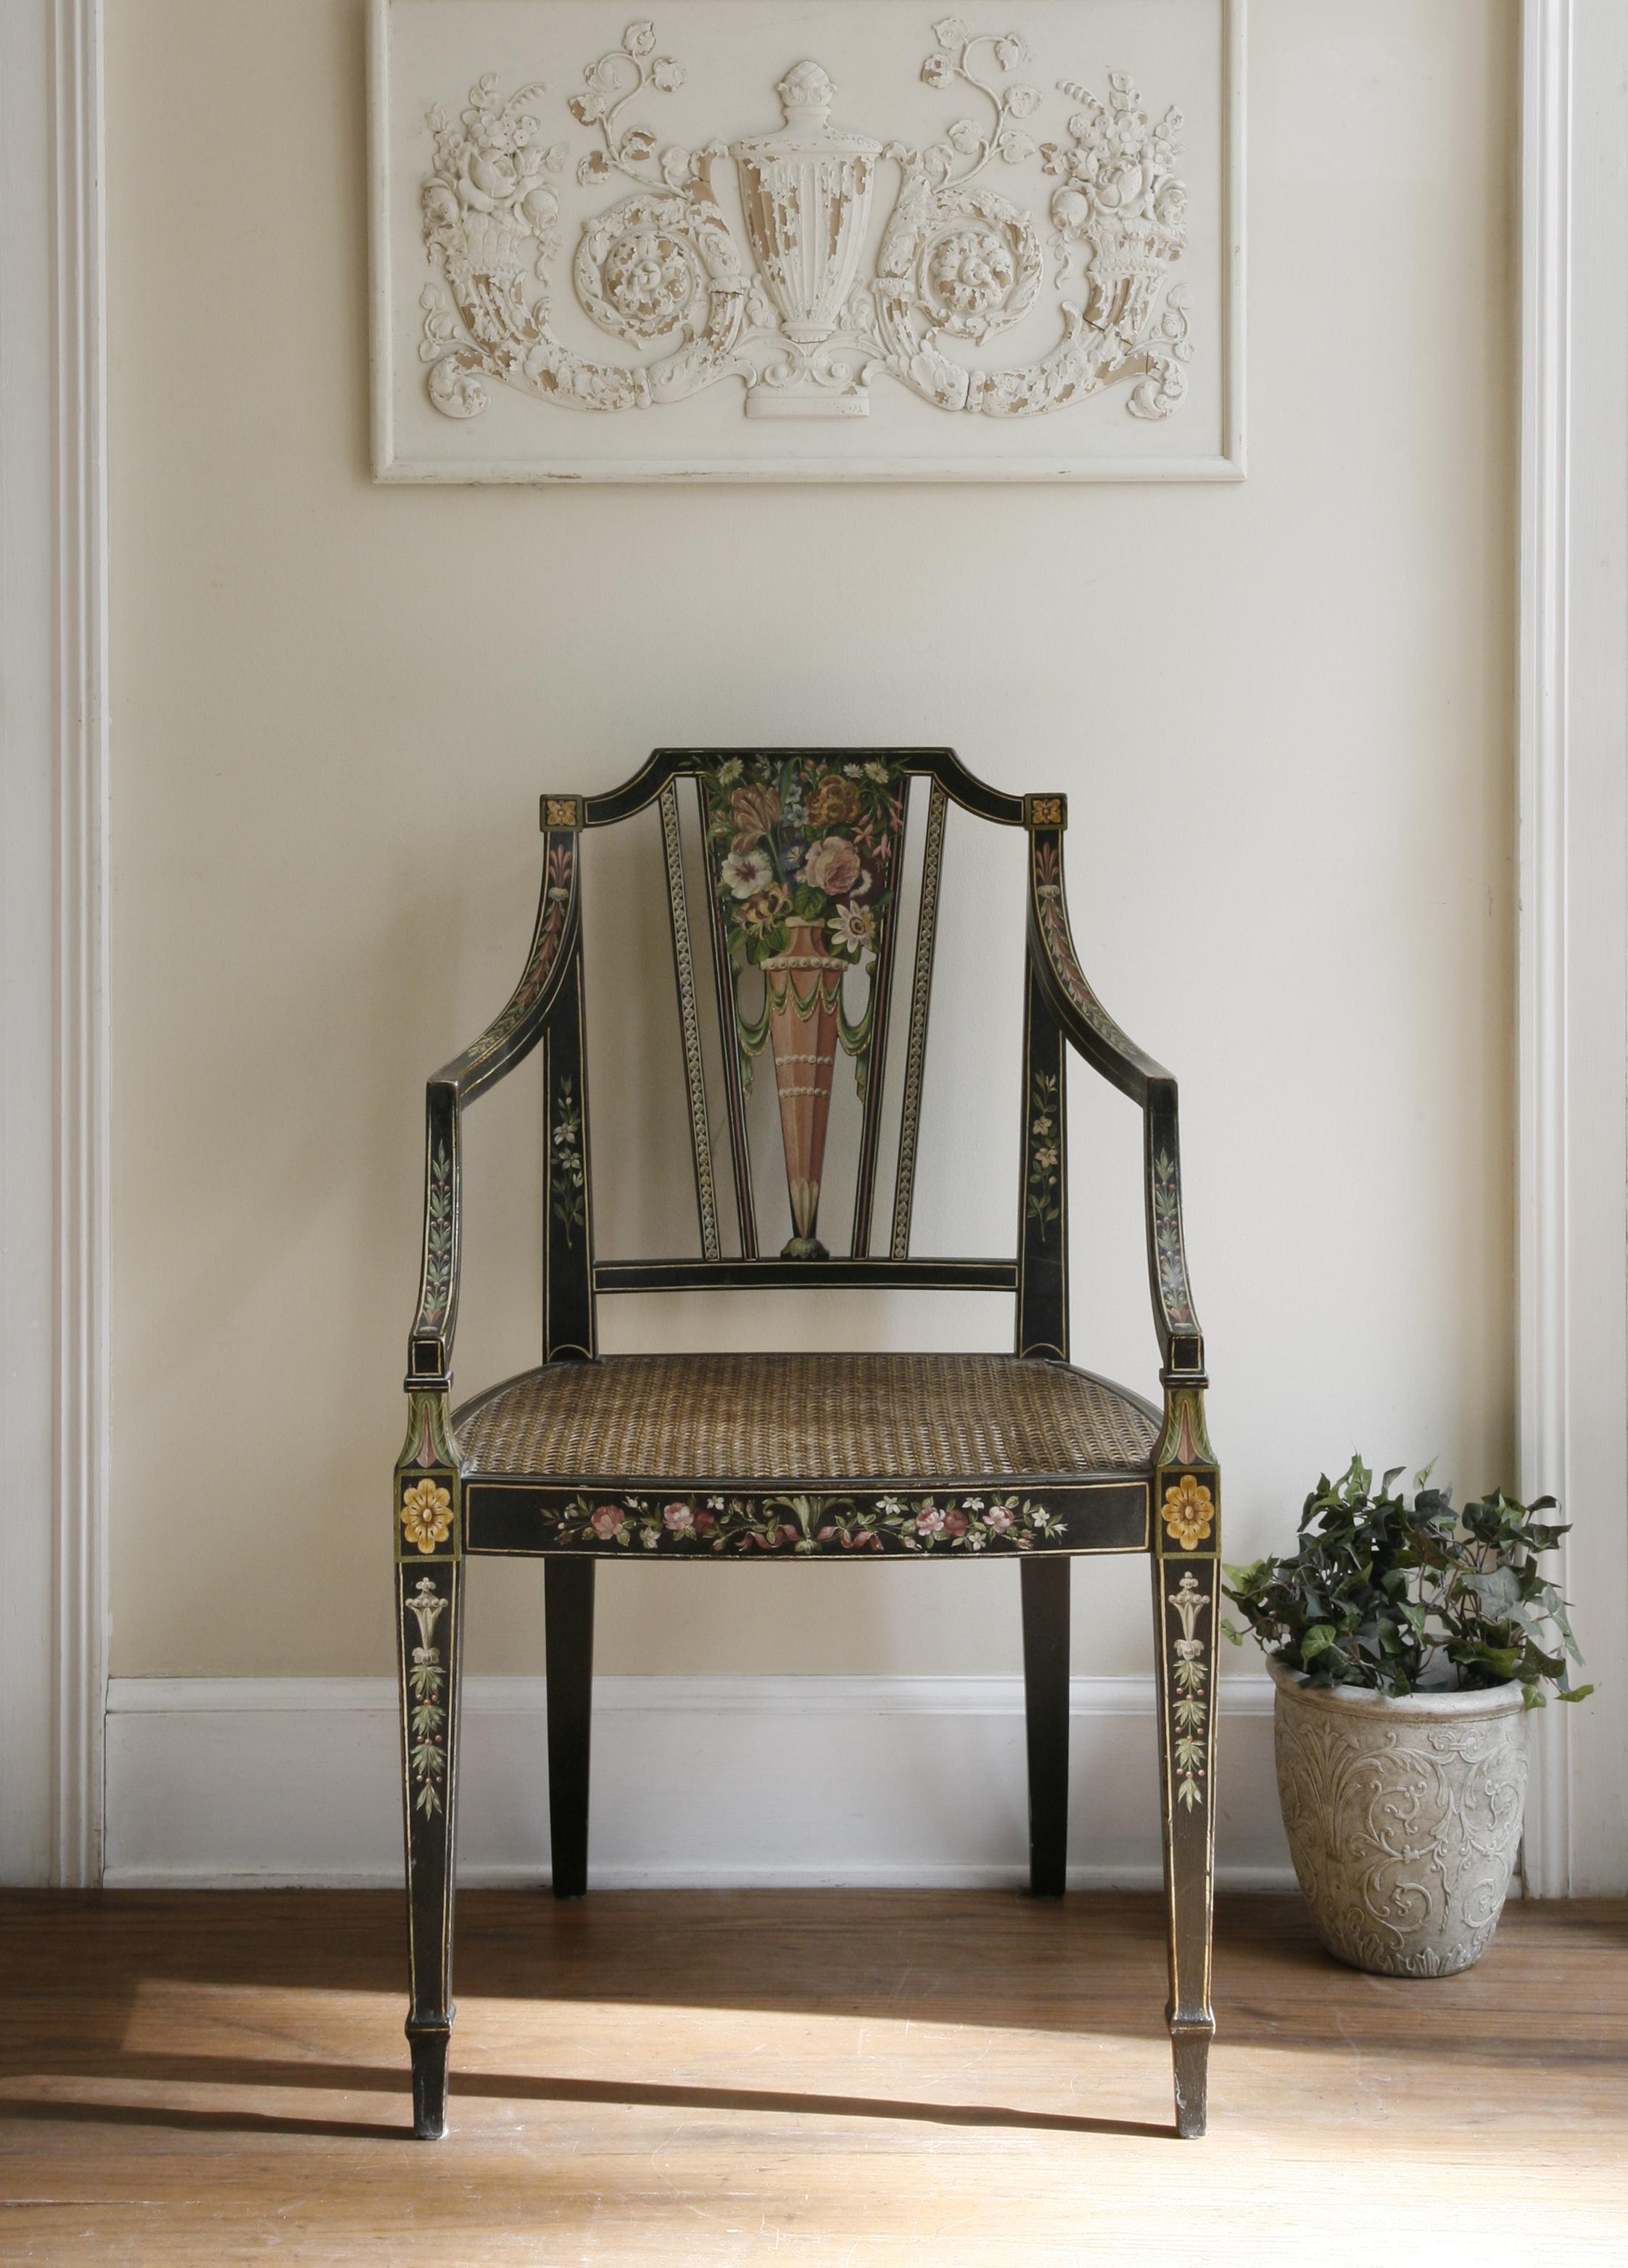 Thomas sheraton chair - Sheraton Armchair 6155 Wpl